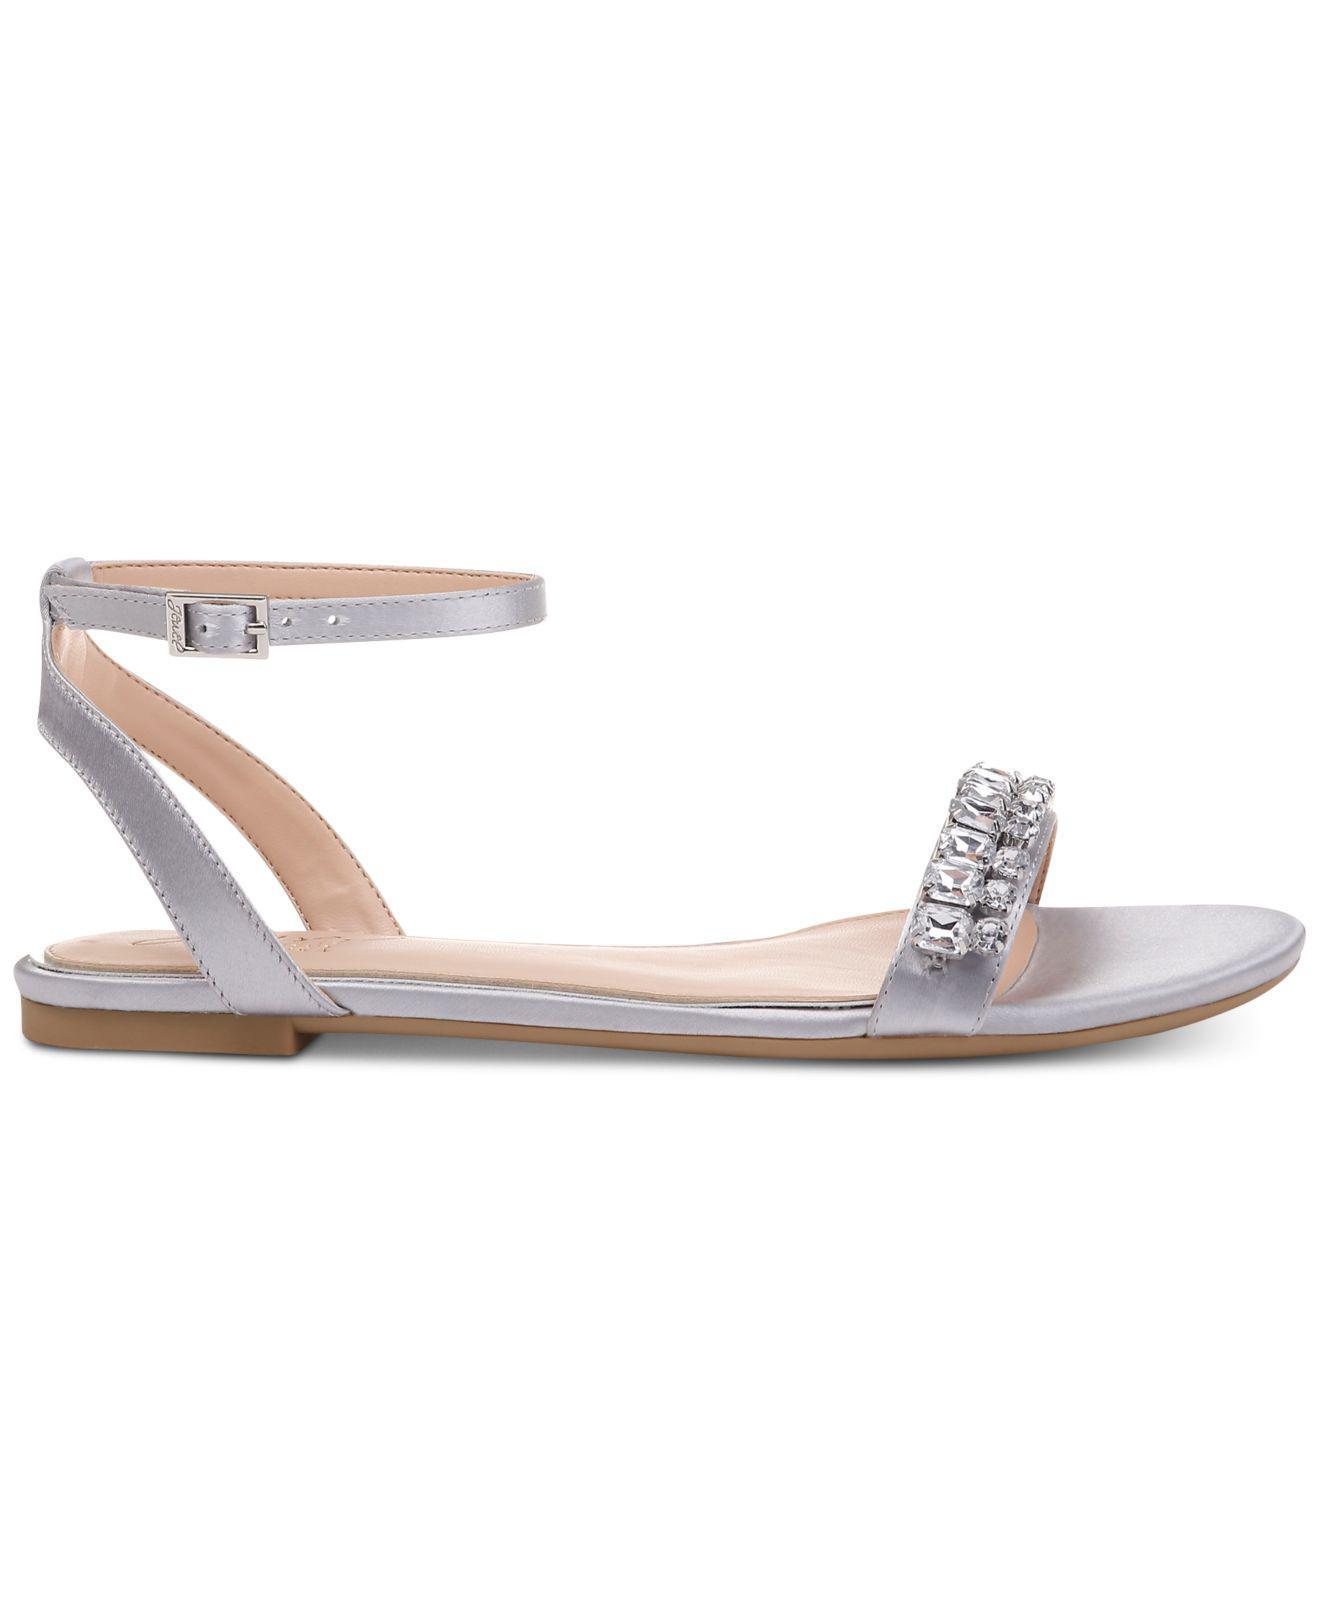 94930e776ea3 Lyst - Badgley Mischka Dalinda Flat Evening Sandals in Metallic